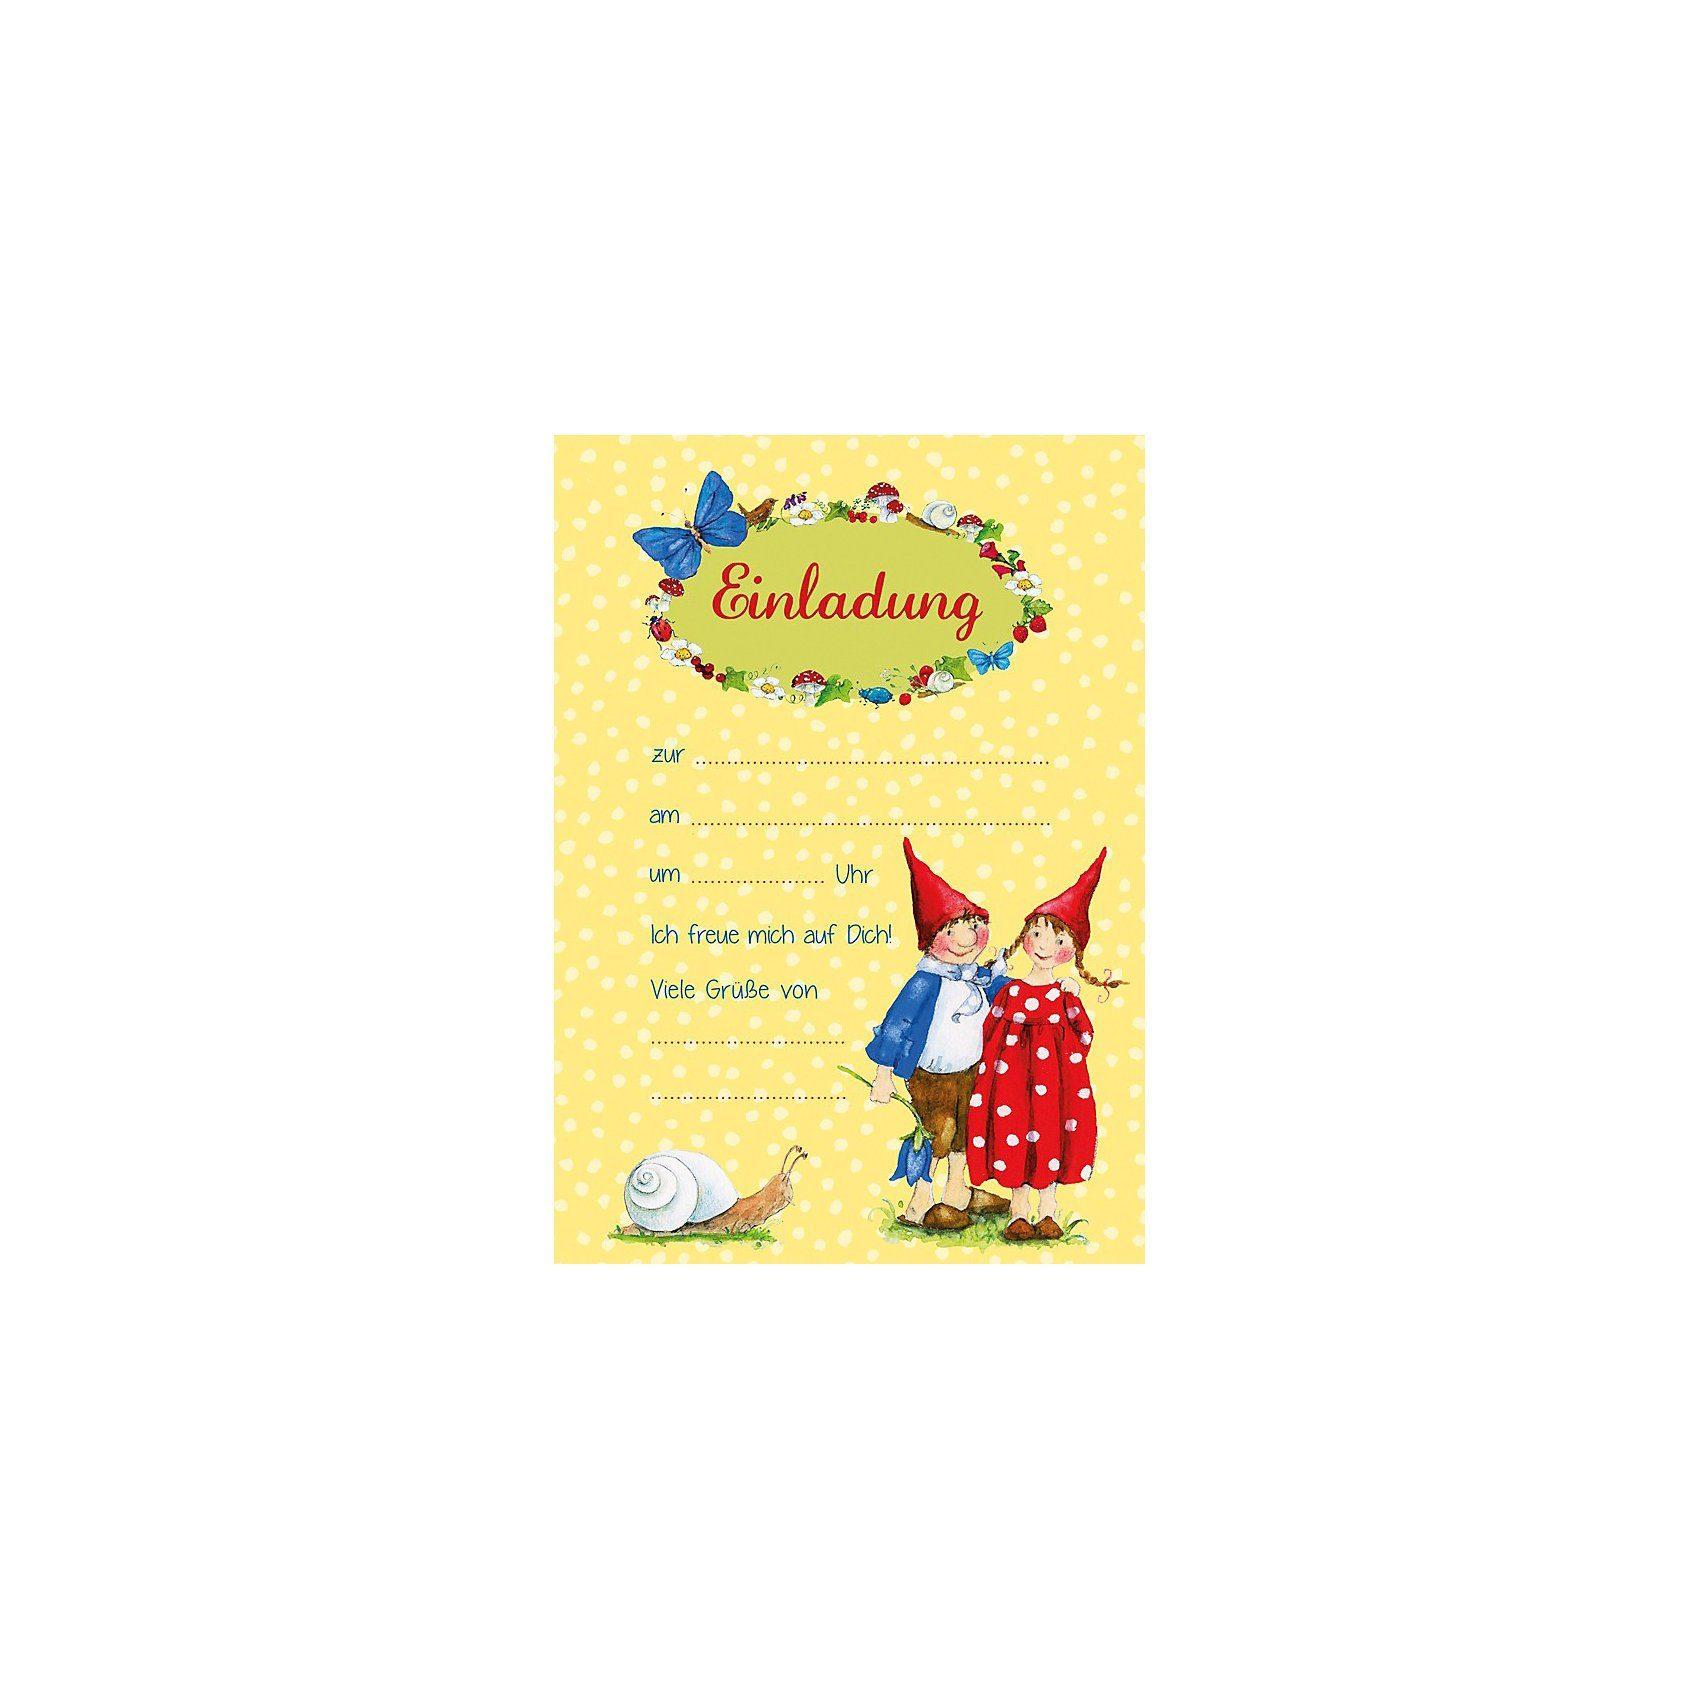 Grätz Verlag Einladungsbriefe im Set Pippa & Pelle, A5, 8 Stück inkl. Ums